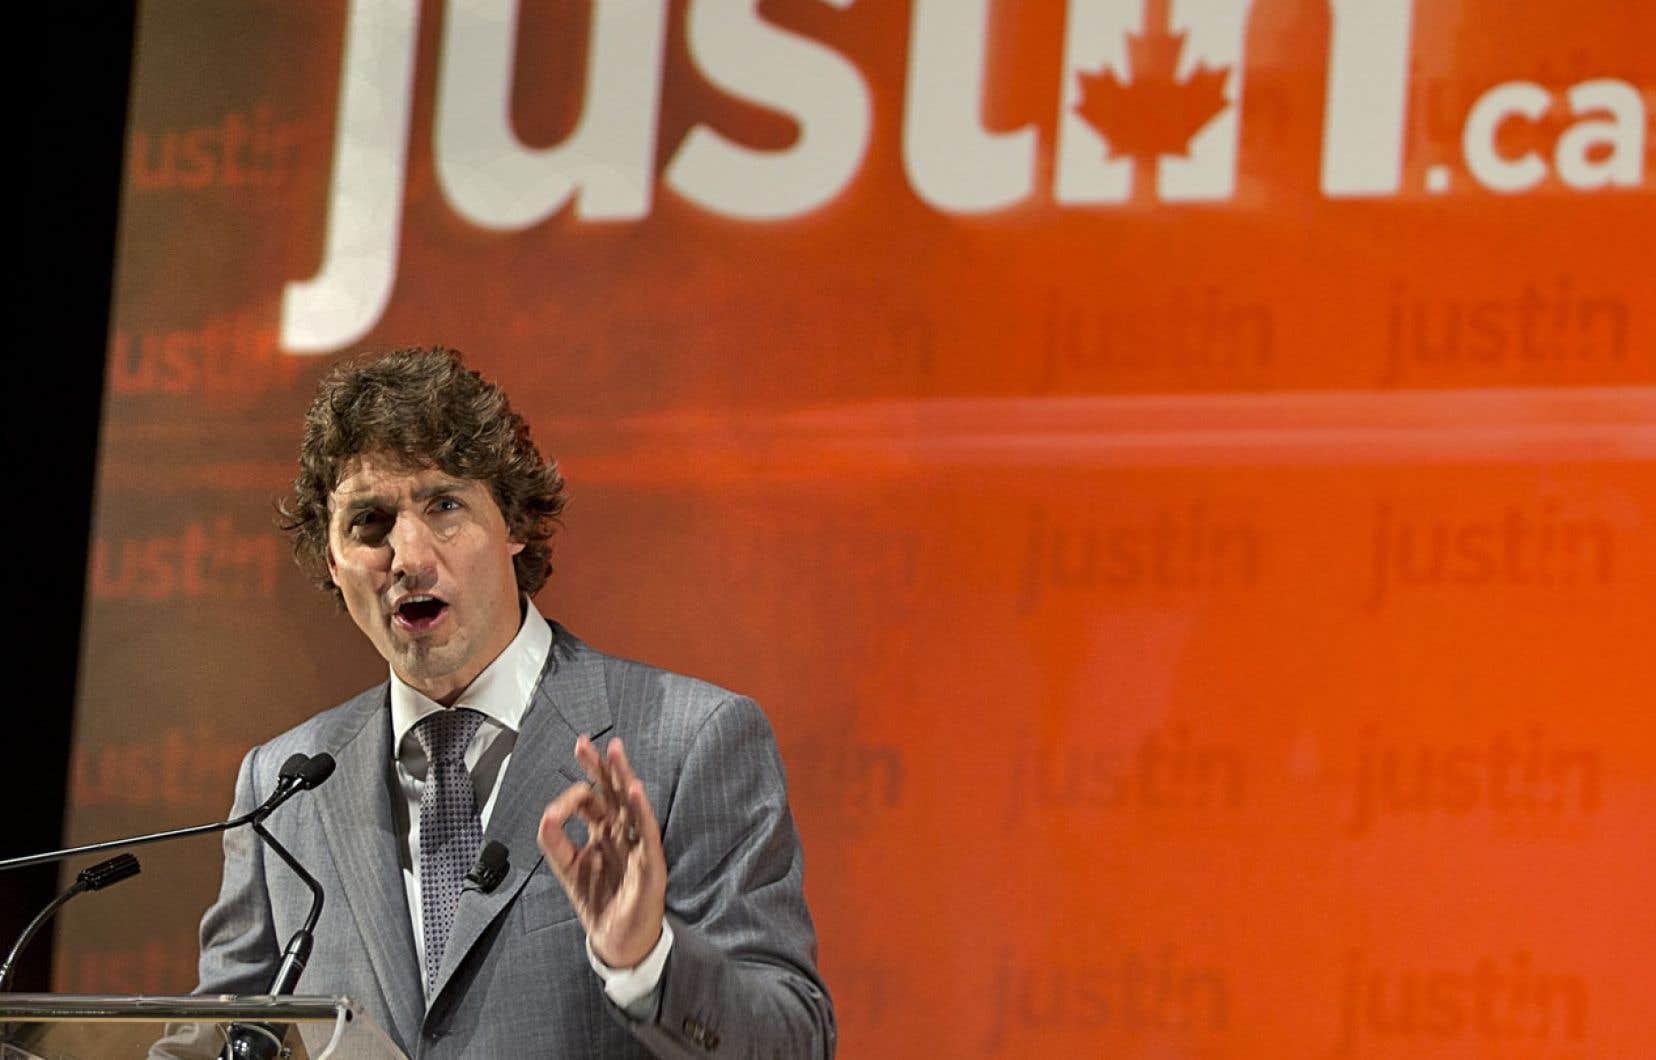 Avec Justin Trudeau comme chef du Parti libéral du Canada, la formation passerait ainsi d'une marginale troisième place dans les intentions de vote au premier rang, sur un pied d'égalité avec les conservateurs.